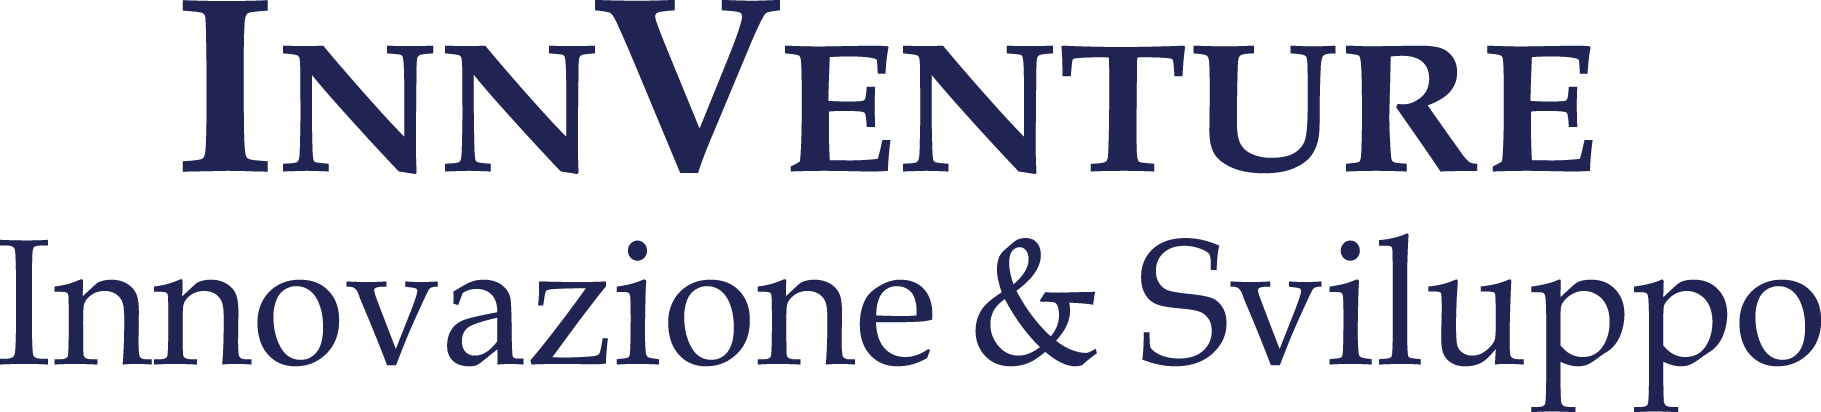 innventure-innovazione-sviluppo-sas